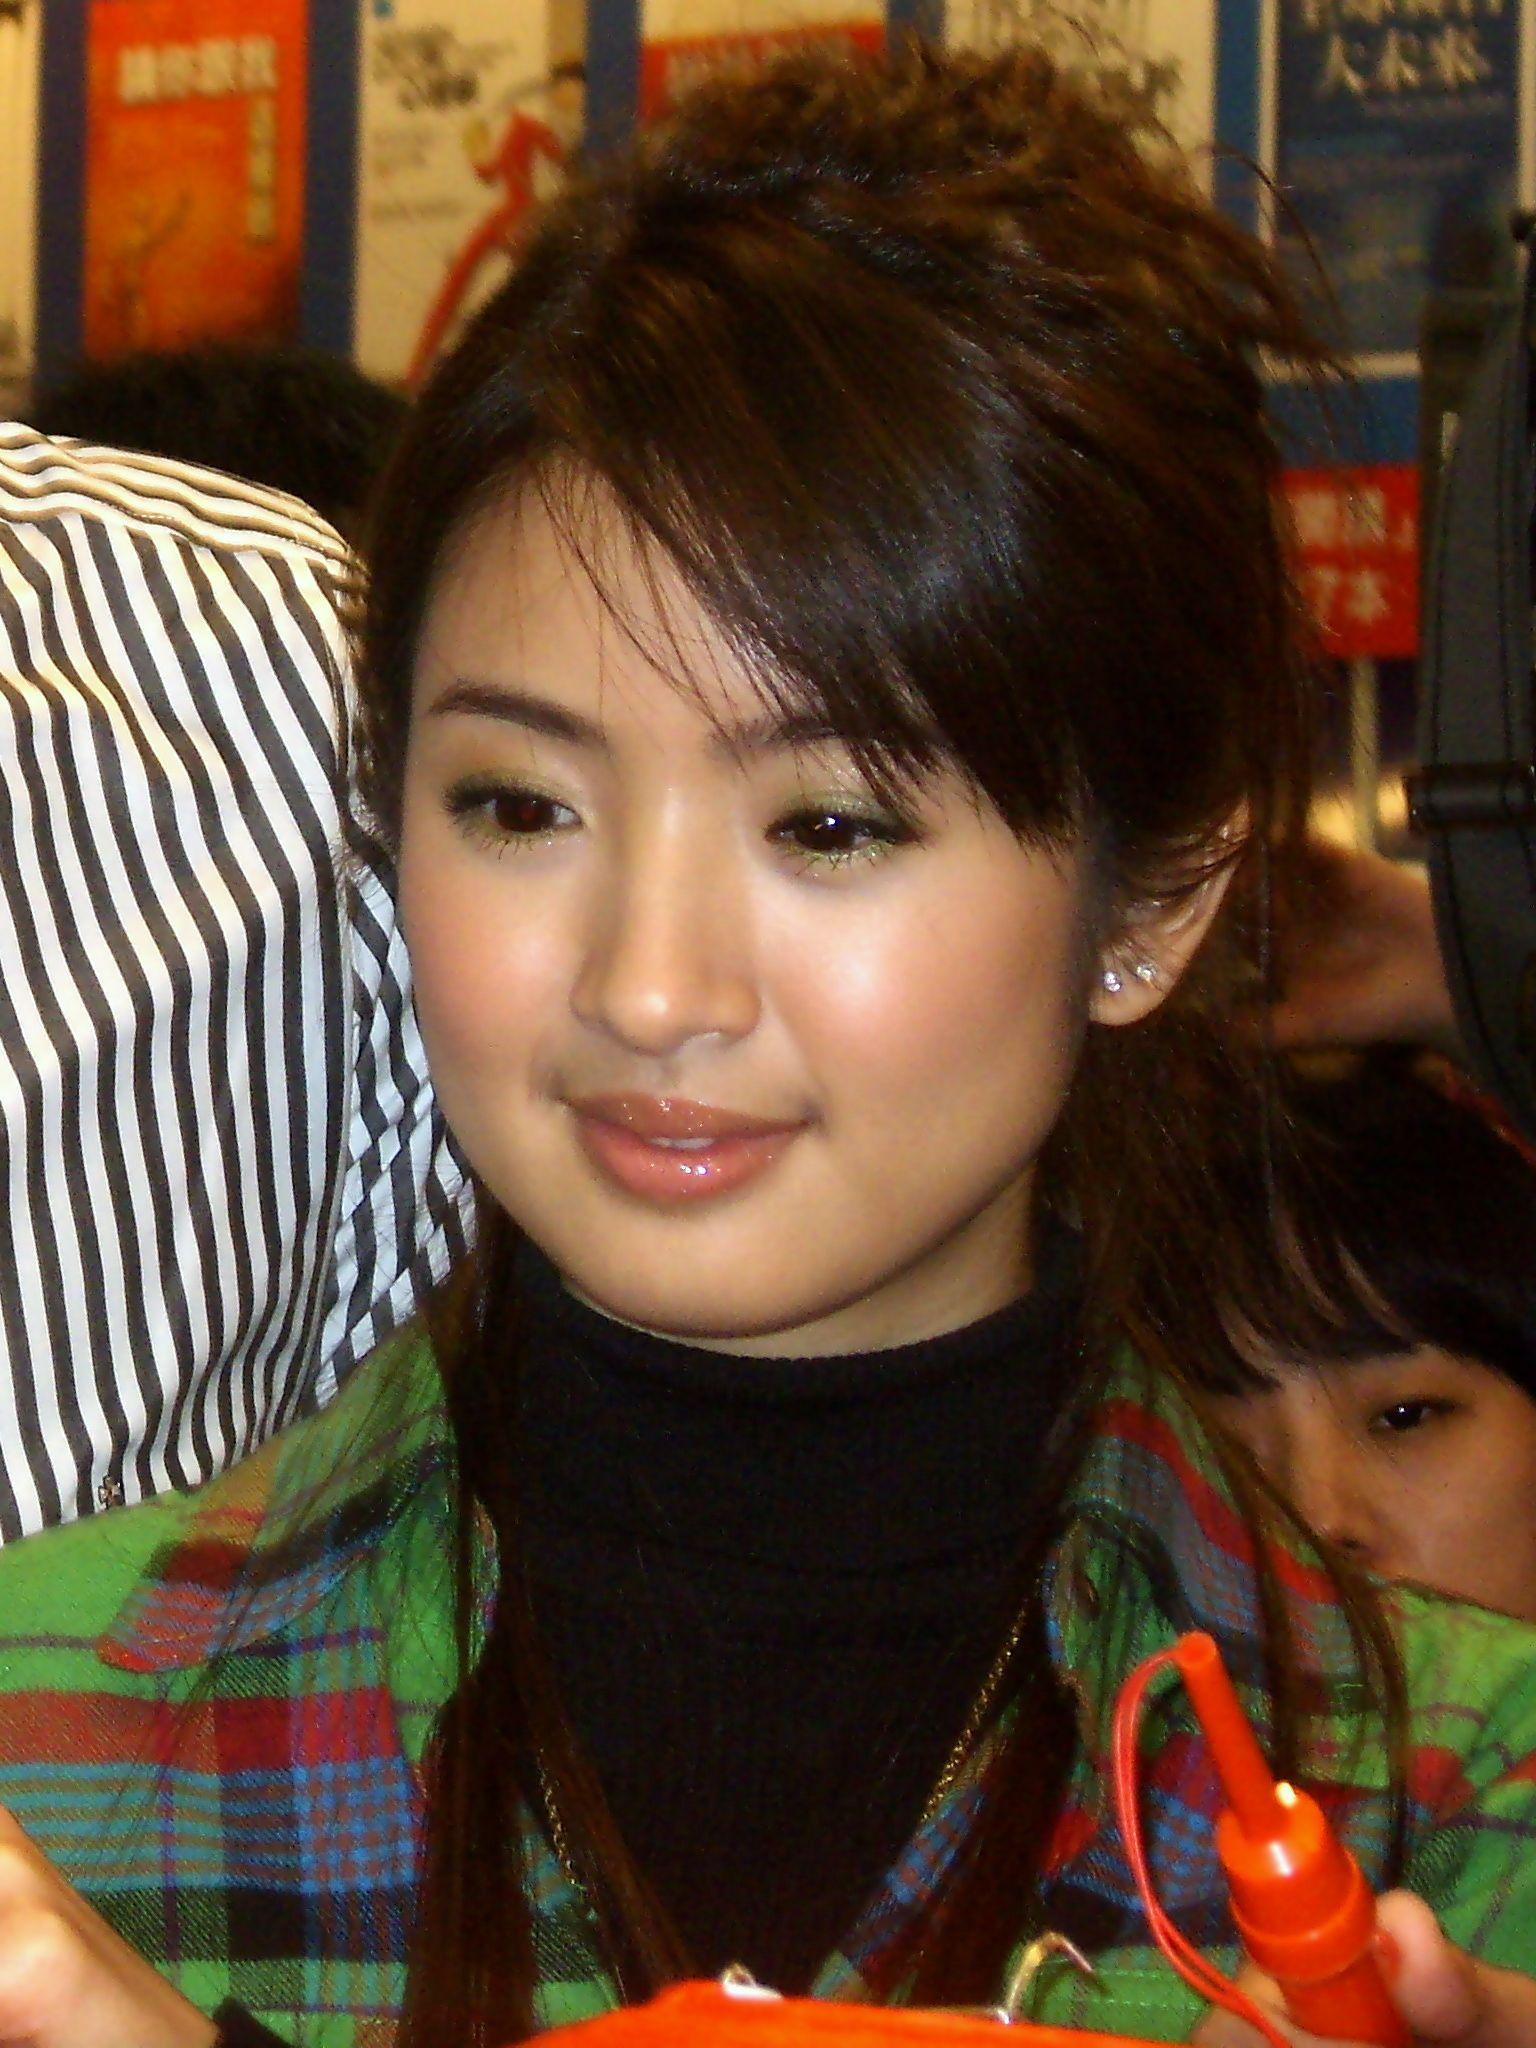 Roy chiu and rainie yang dating 6